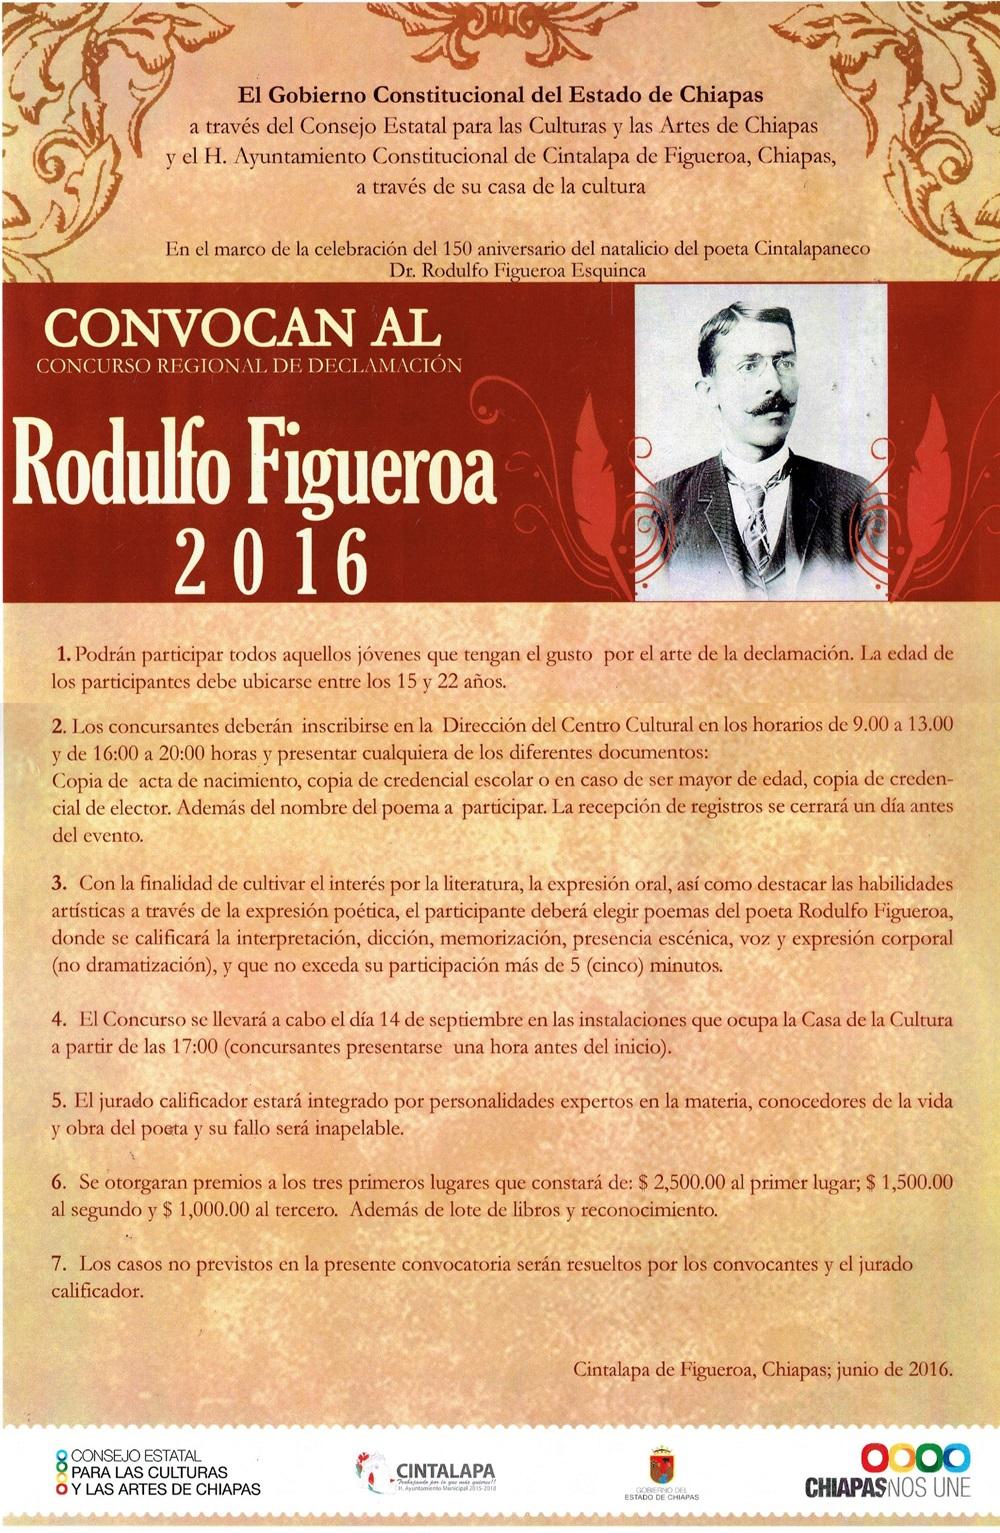 Convocatoria_declamación_rodulfo_figueroa